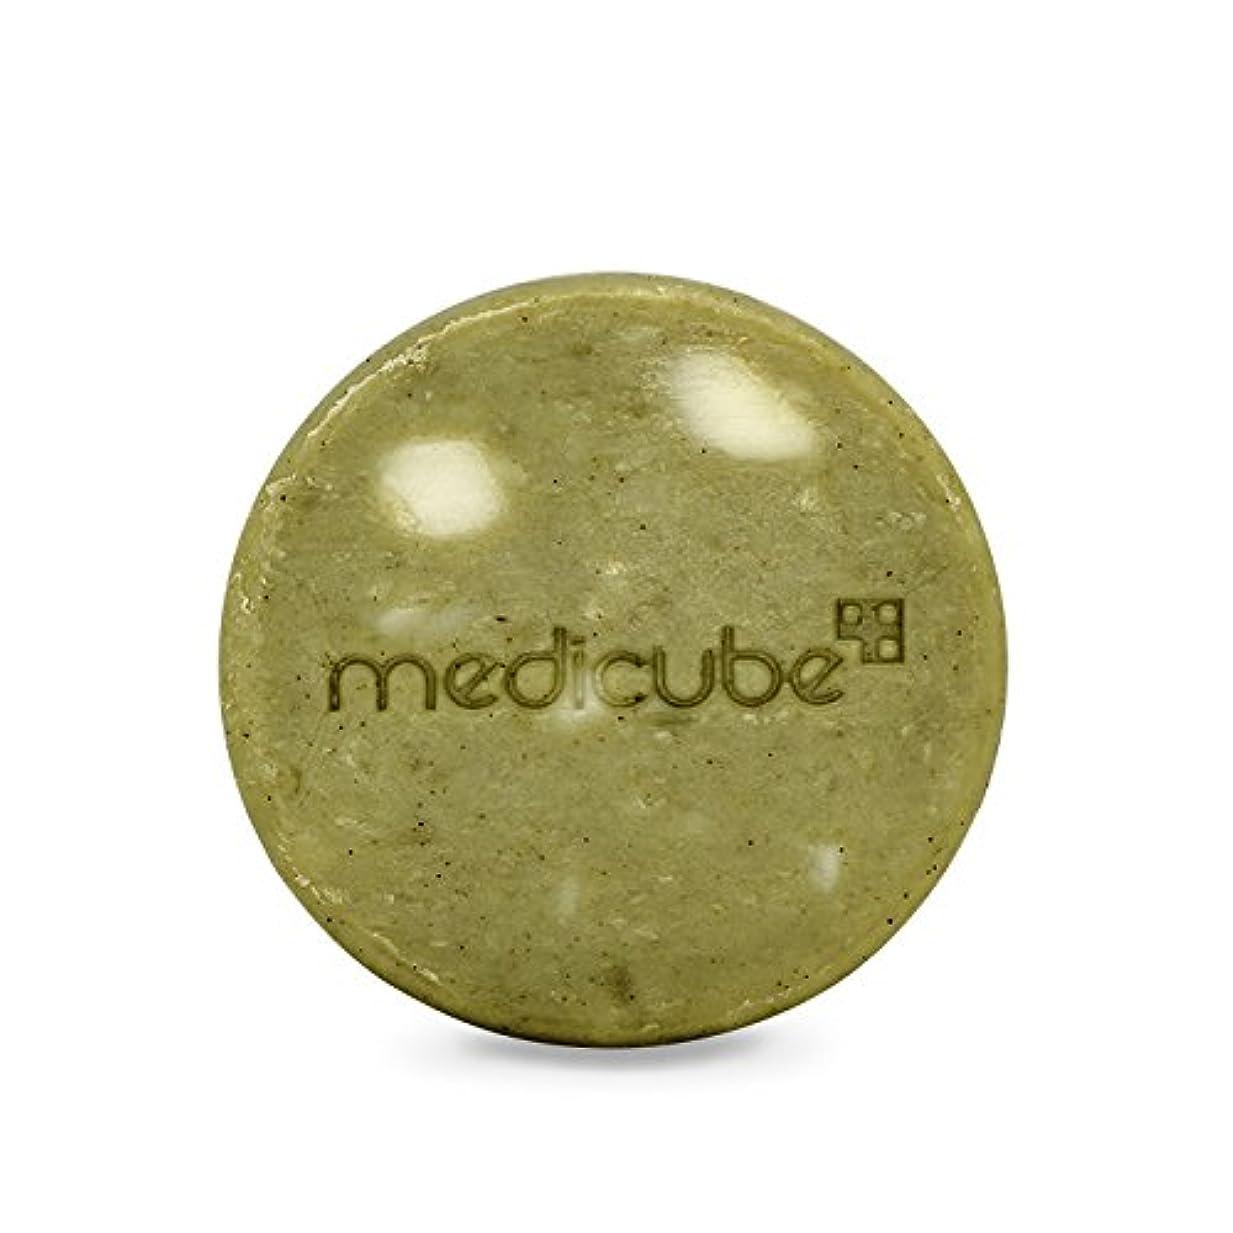 マスクロック化学[Medicube]Red Body Bar / メディキューブレッドボディバー / 正品?海外直送商品 [並行輸入品]